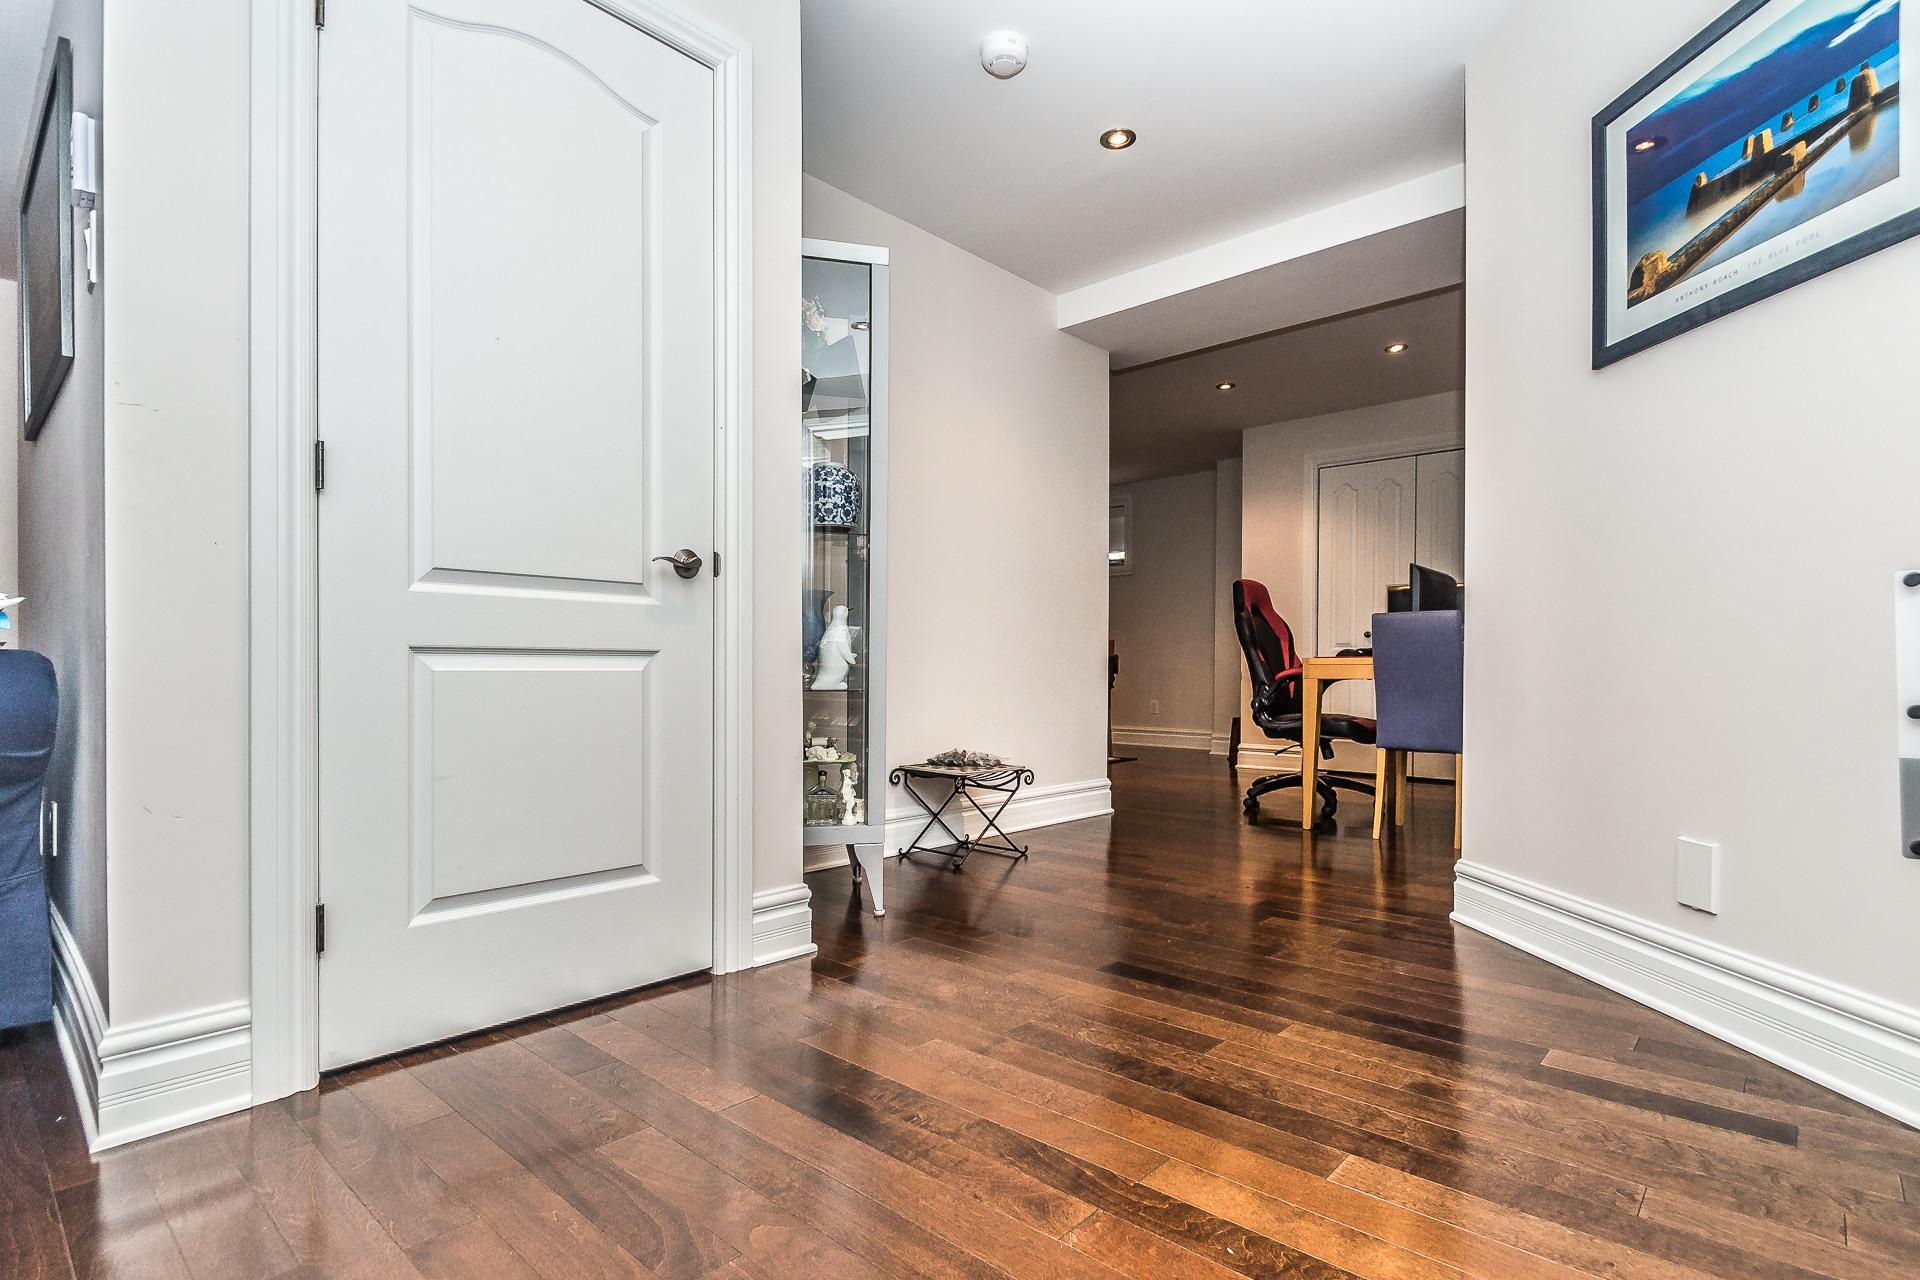 image 42 - House For sale Laval Sainte-Dorothée - 12 rooms